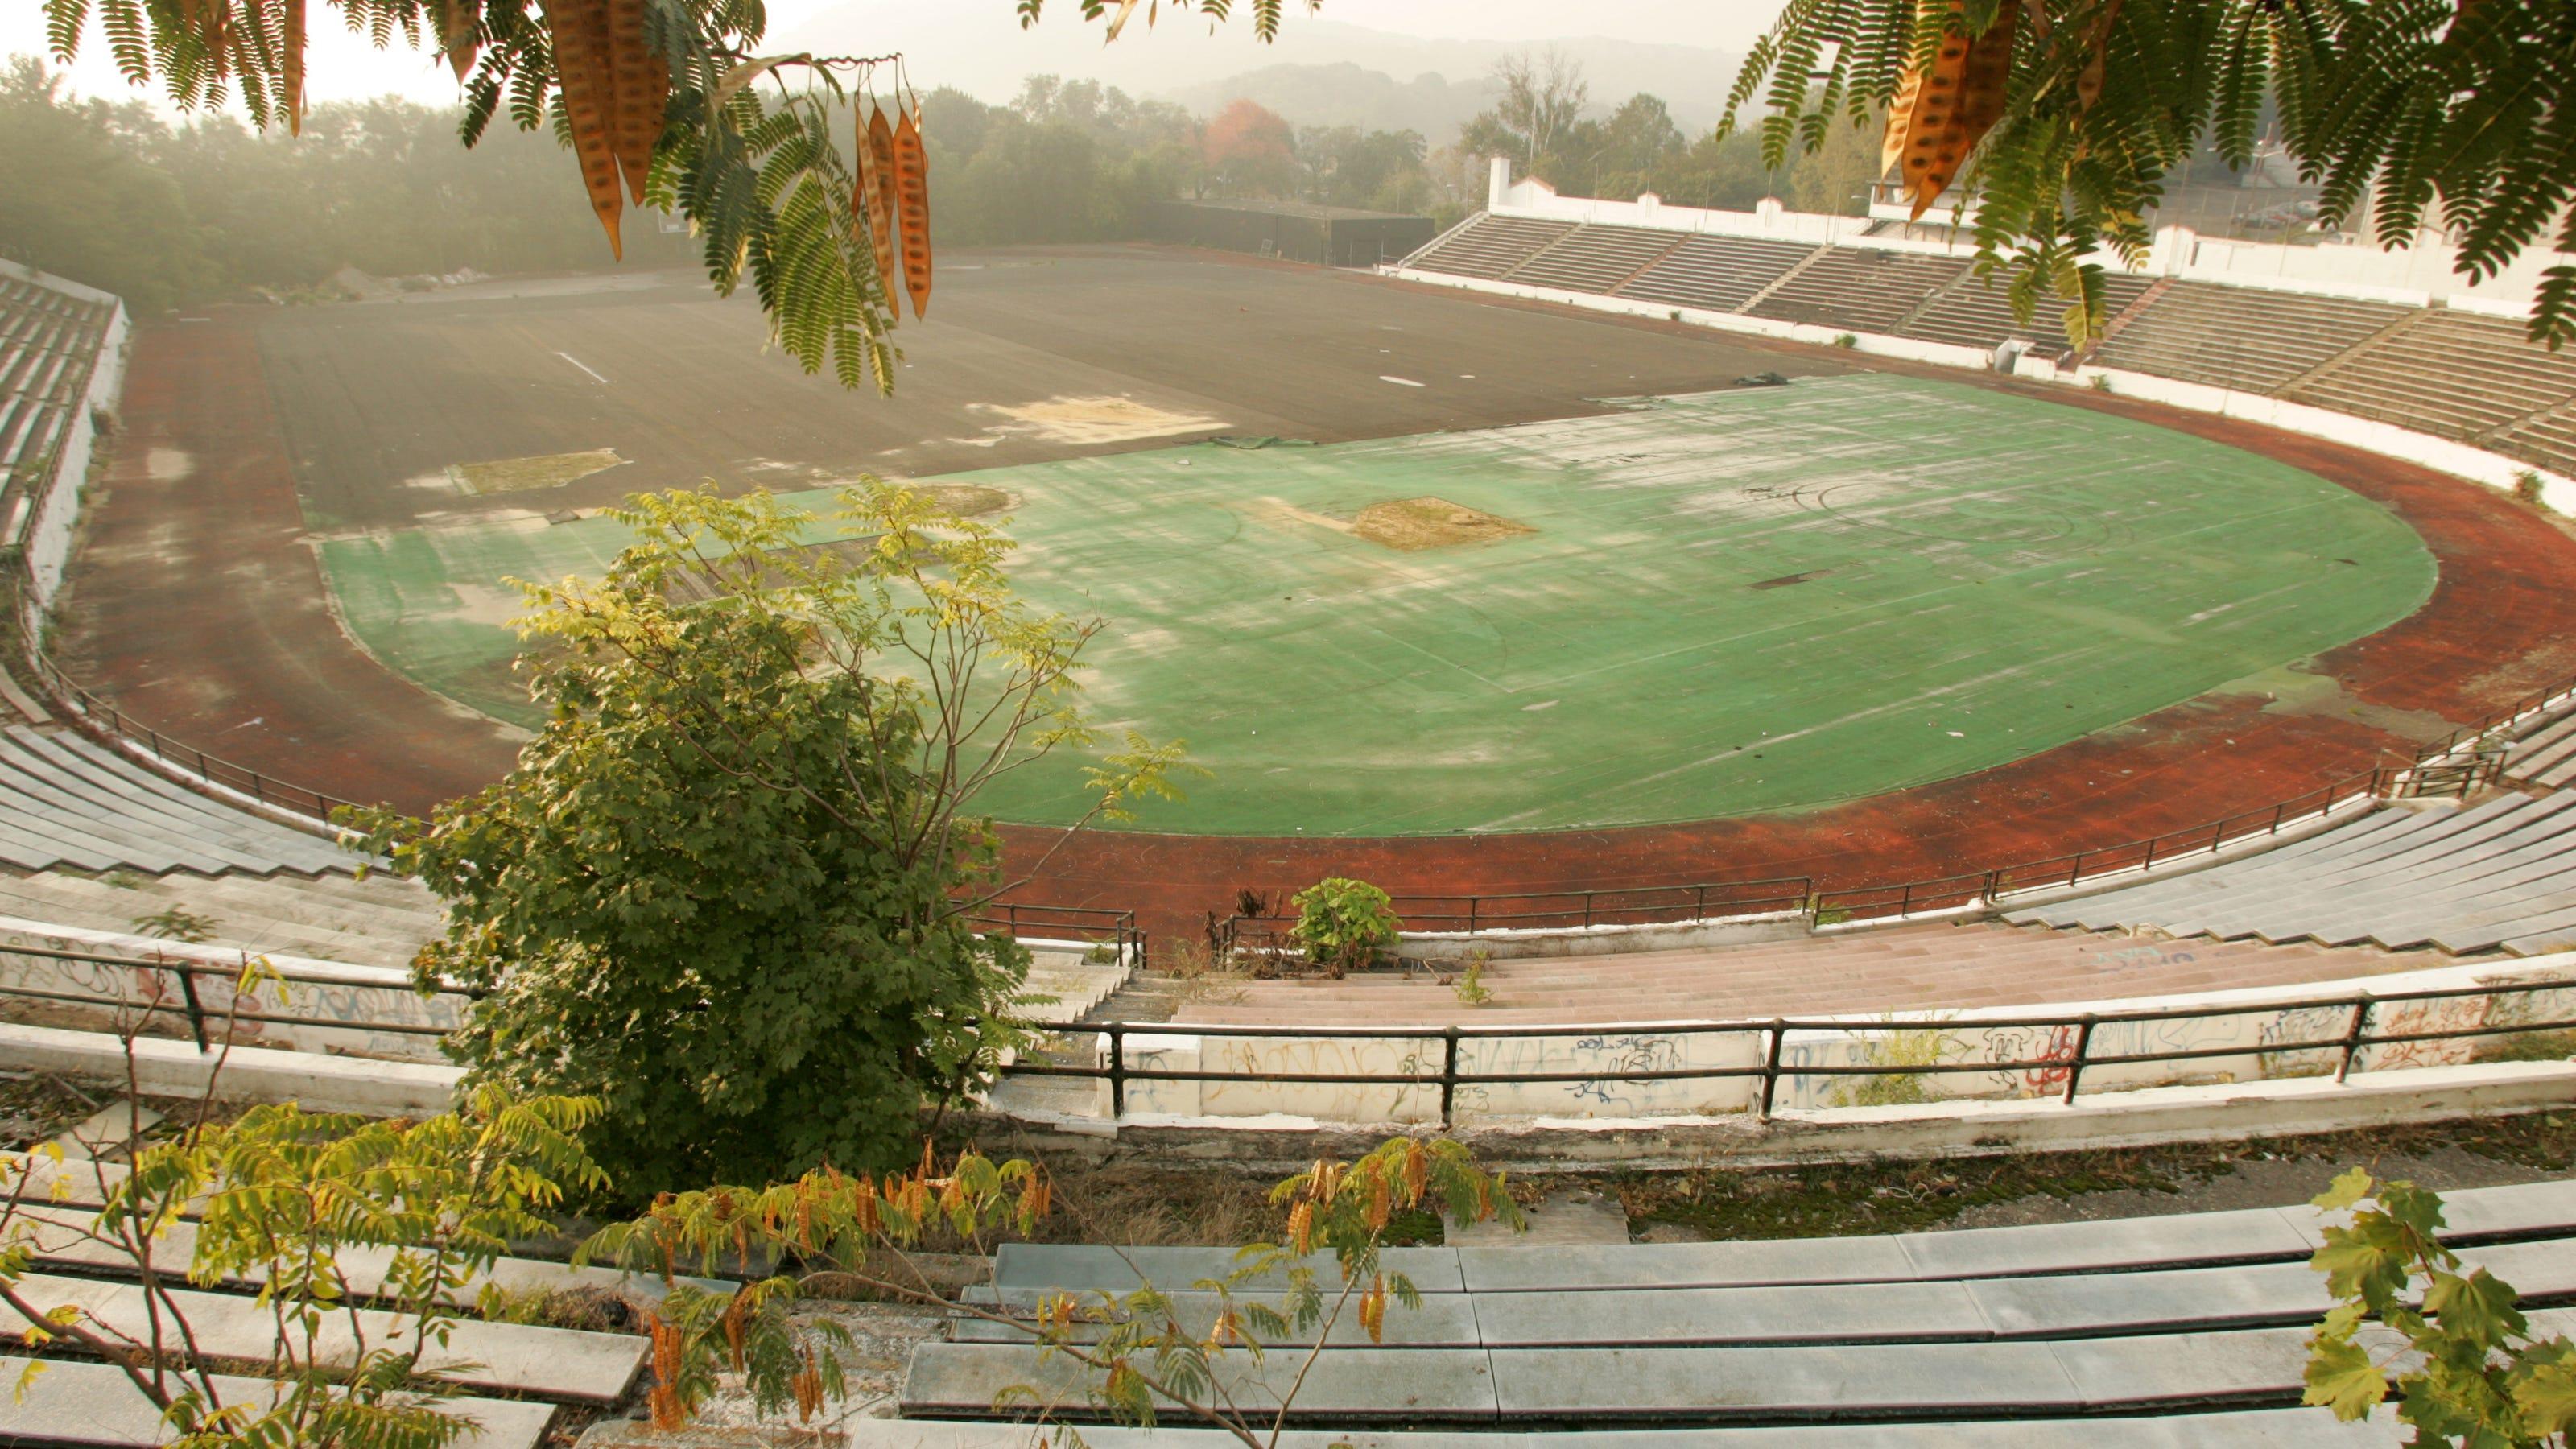 ca7a63a5 0ed1 4080 903b f8ecc98117dd XXX landmarks hinchliffe stadium TP274 JPG?crop=3503,1970,x0,y178&width=3200&height=1800&format=pjpg&auto=webp.